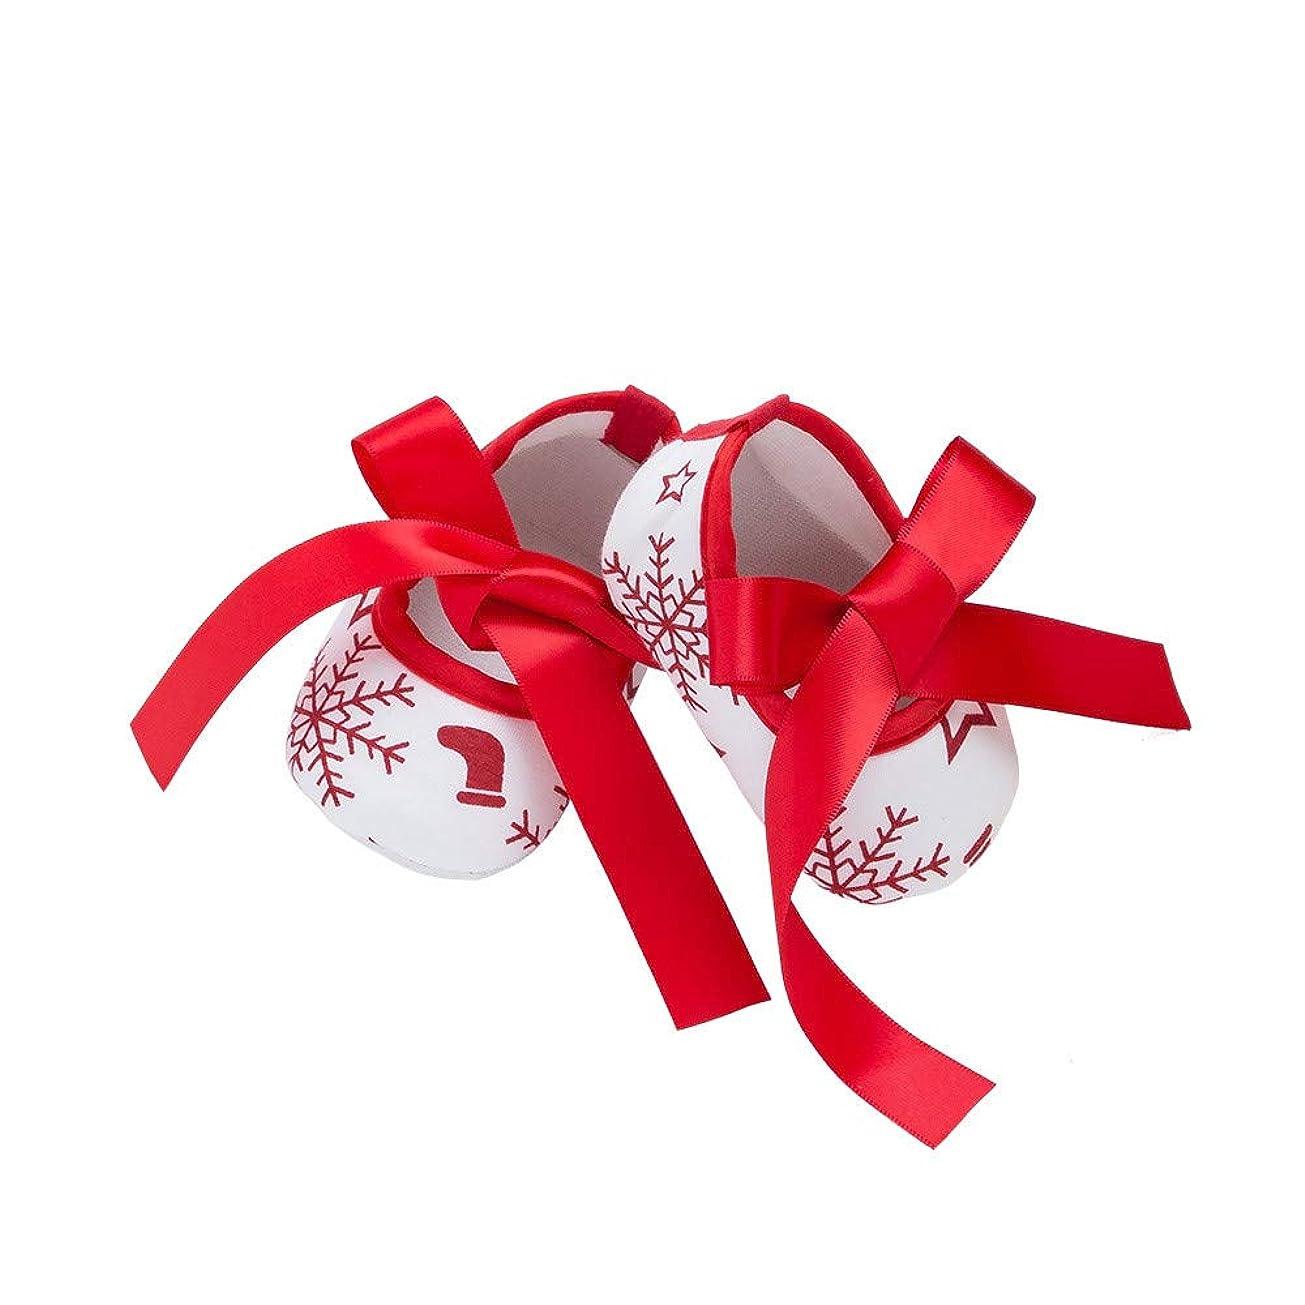 ドナーカテゴリー市区町村子供靴 Hosam クリスマス レース 蝶結び 新生児靴 幼児 赤ちゃん靴 ウォームブーツ シューズ ファーストシューズ 男の子 女の子 ベビーシューズ 運動靴 赤ちゃん き心地いい 記念日 誕生日 プレゼント 出産お祝い